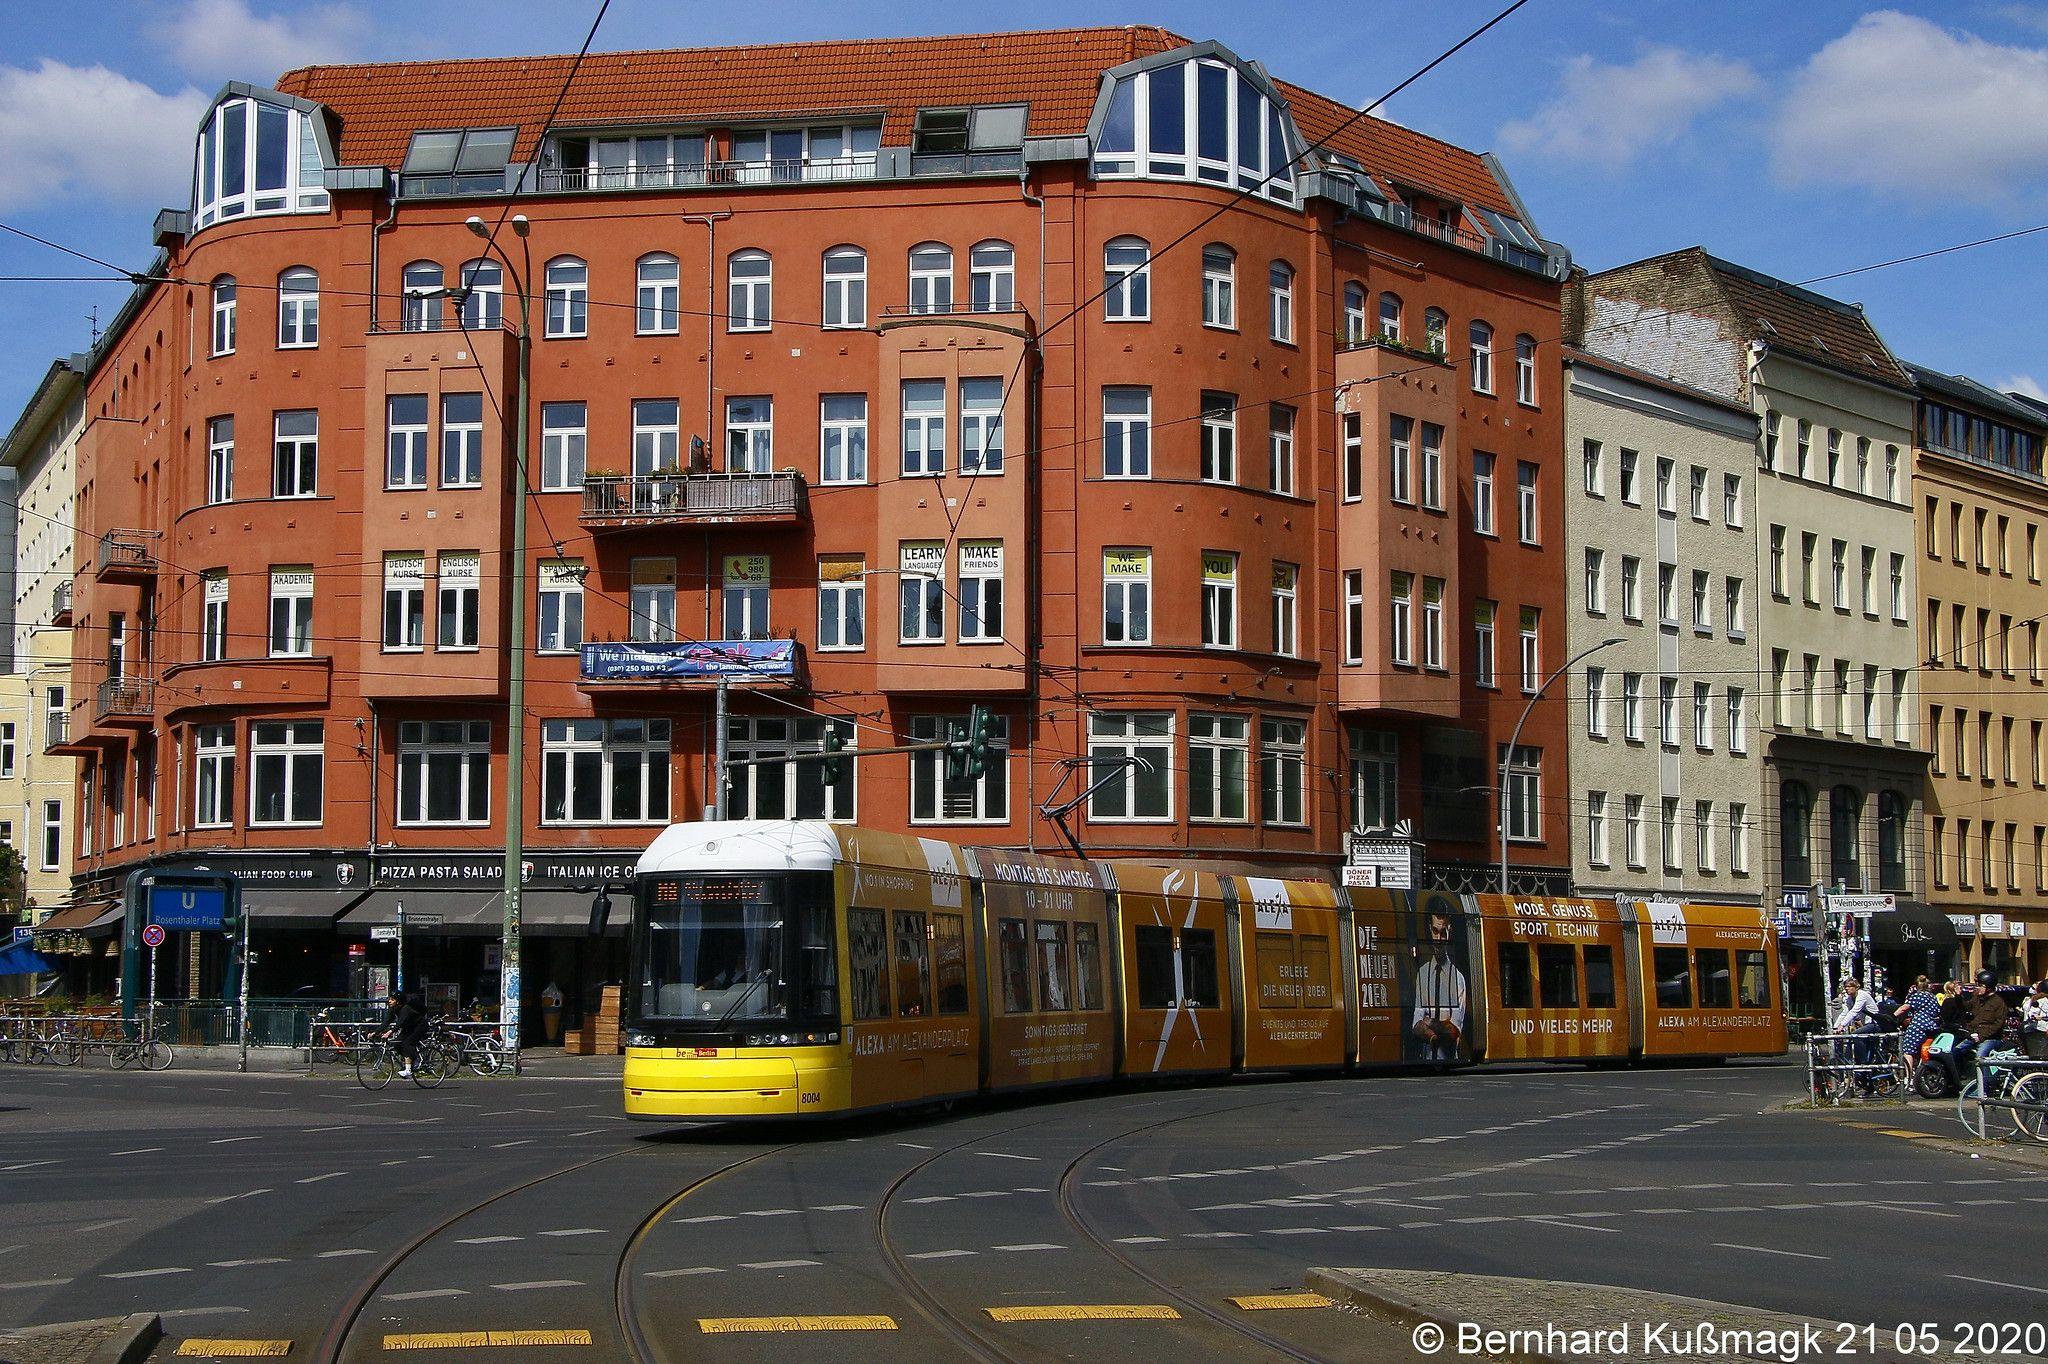 Europa Deutschland Berlin Mitte Rosenthaler Platz In 2020 Berlin Deutschland Mitte